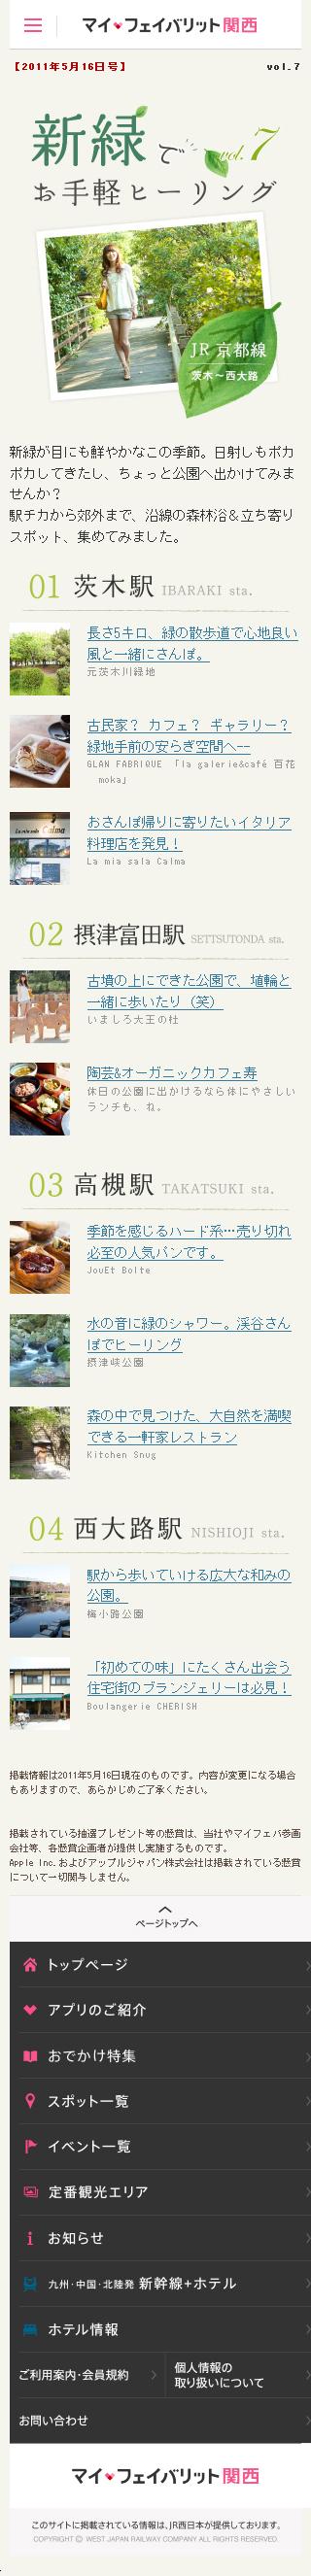 特集 Vol.7 新緑でお手軽ヒーリング:マイ・フェイバリット関西